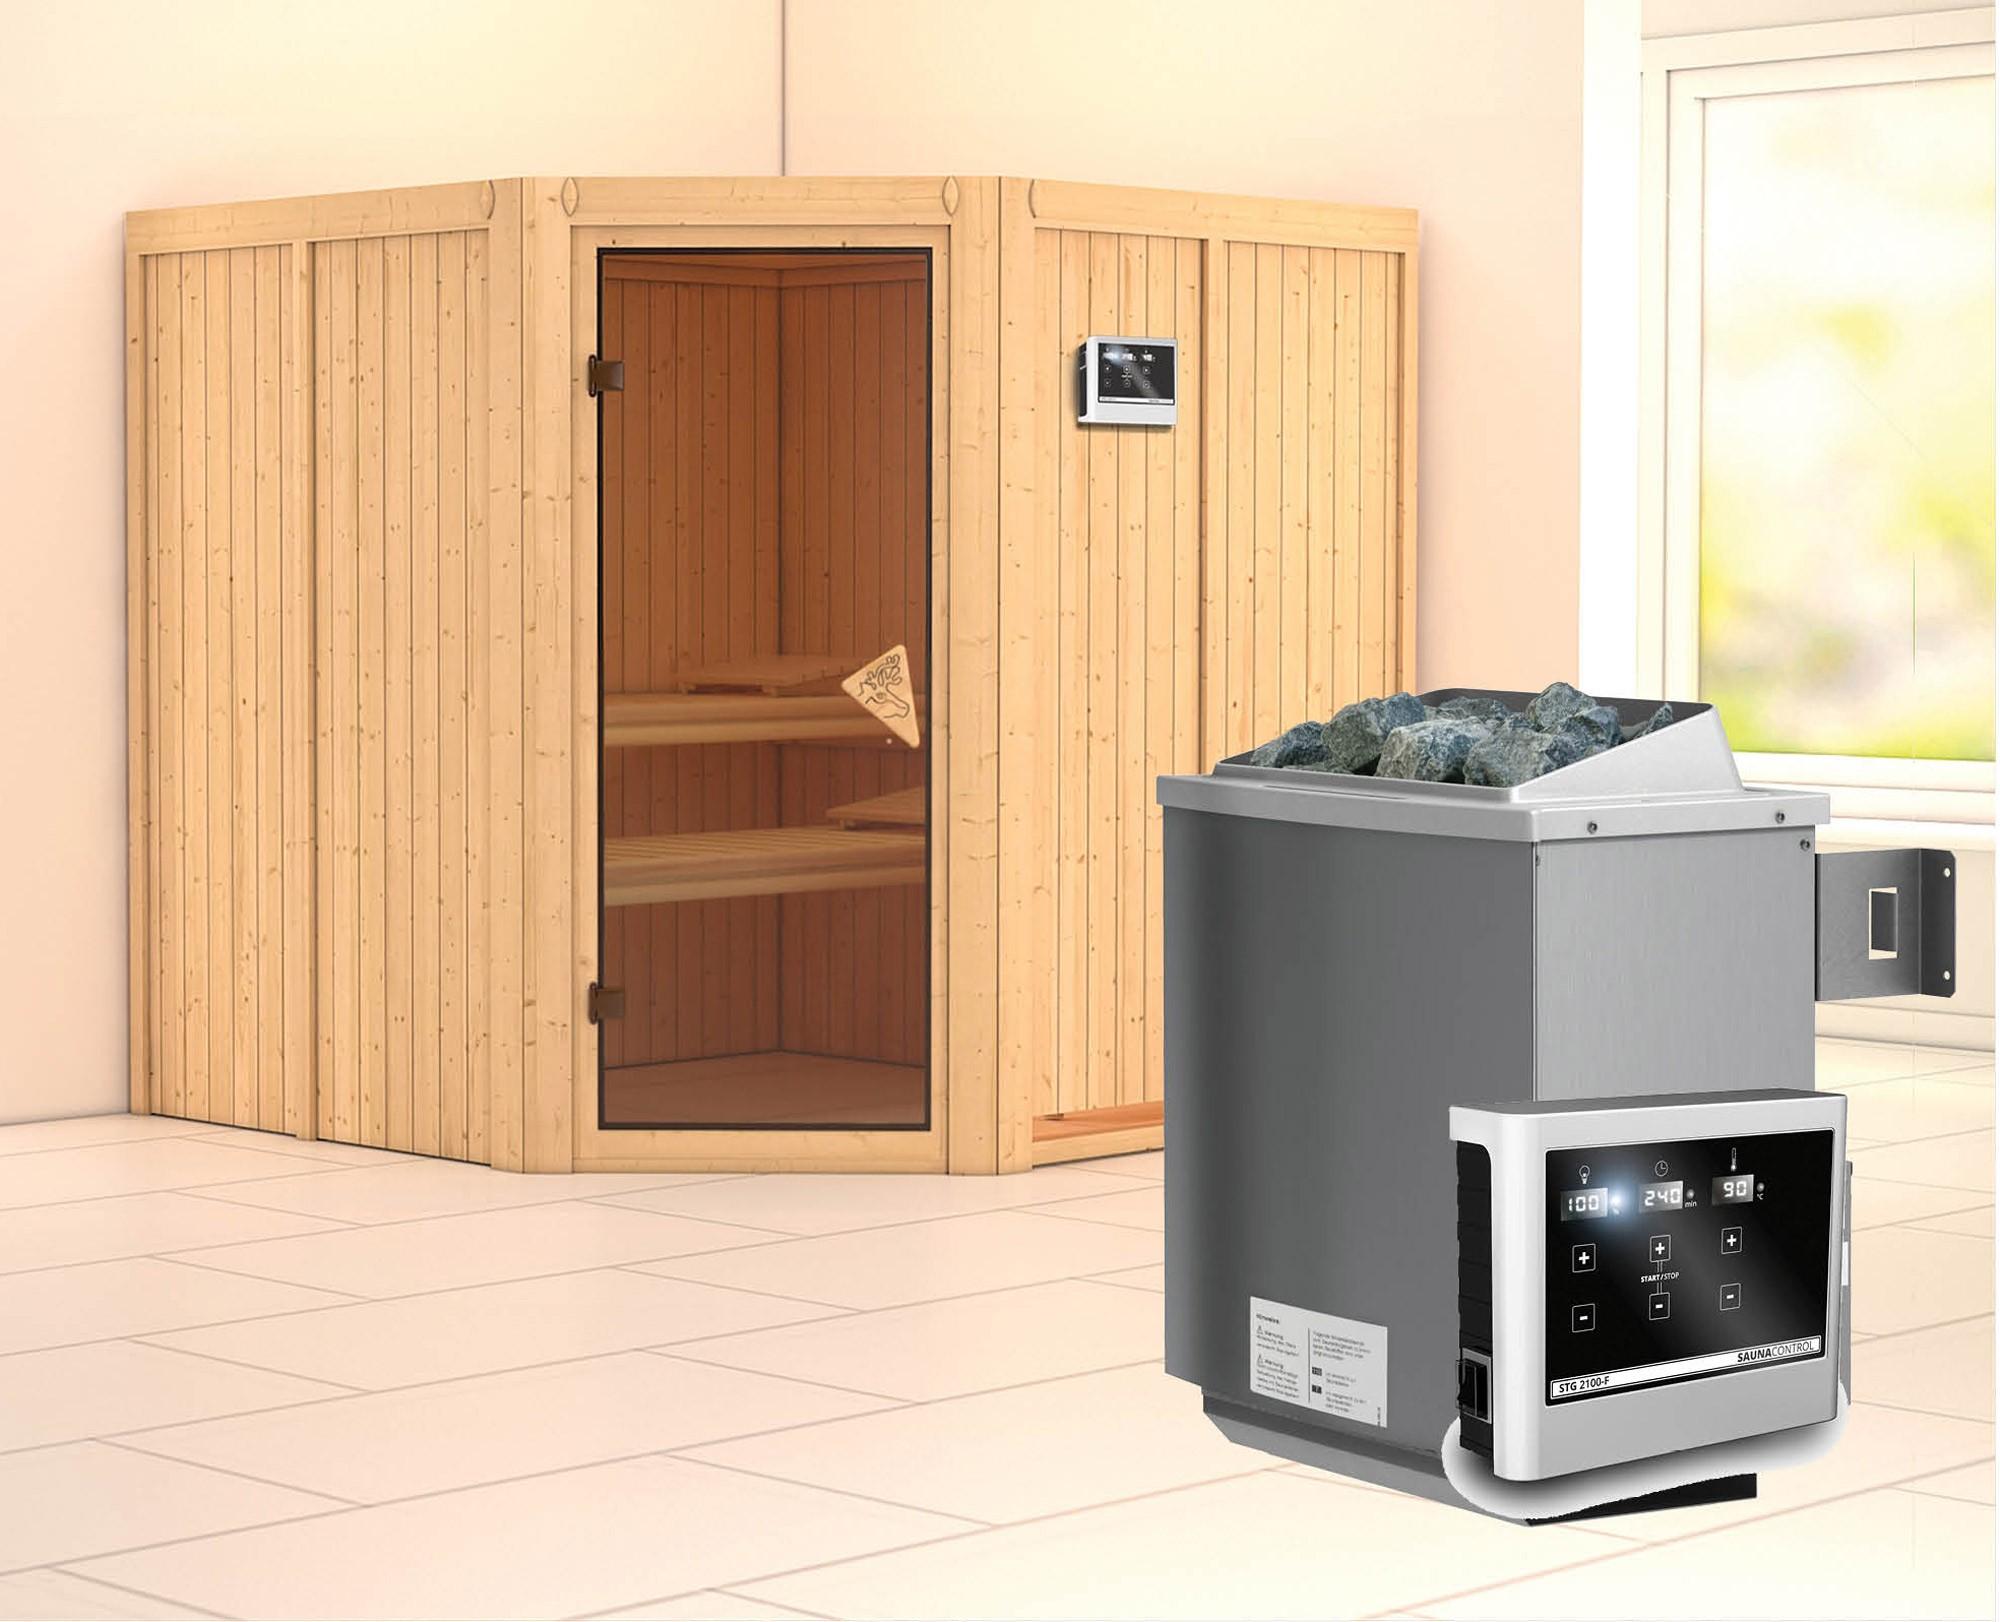 karibu elementsauna sauna jarin mit saunaofen 9kw bei. Black Bedroom Furniture Sets. Home Design Ideas